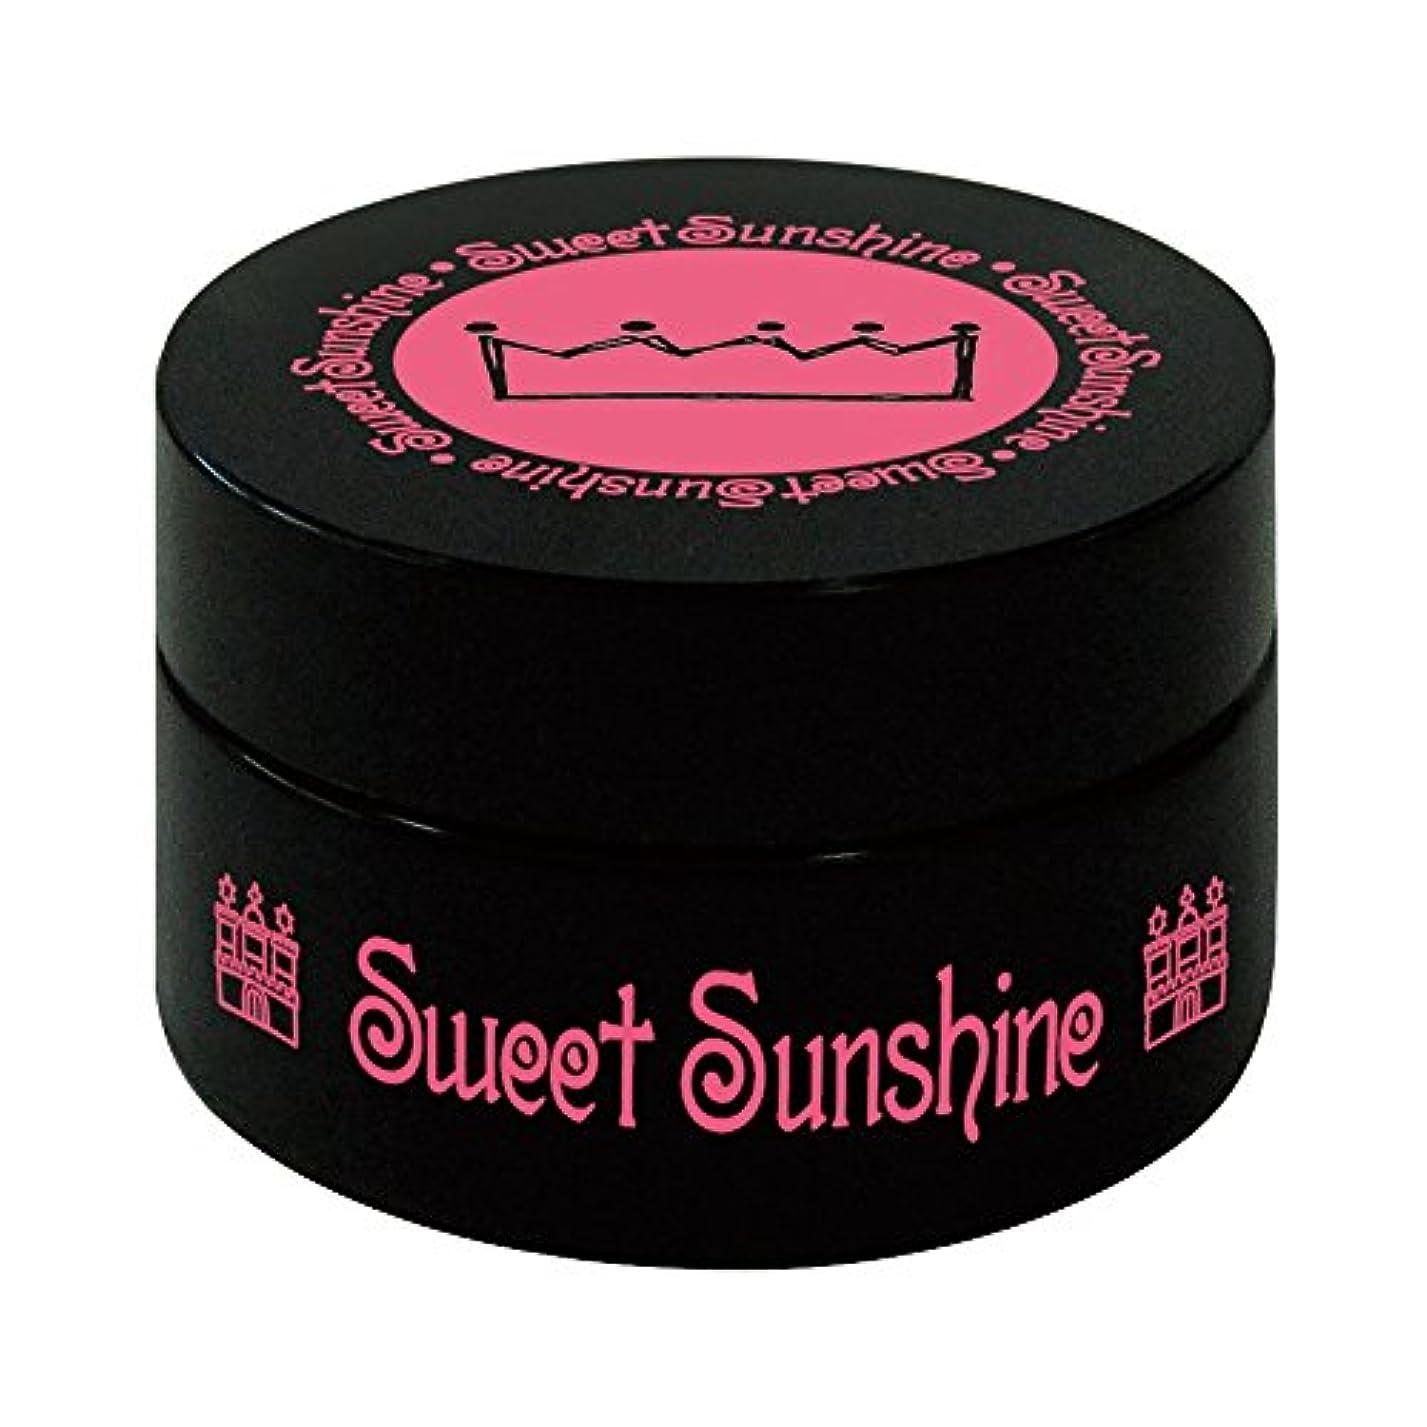 に負ける微視的フェリー最速硬化LED対応 Sweet Sunshine スィート サンシャイン カラージェル SC-87 4g グレイッシュカーキー